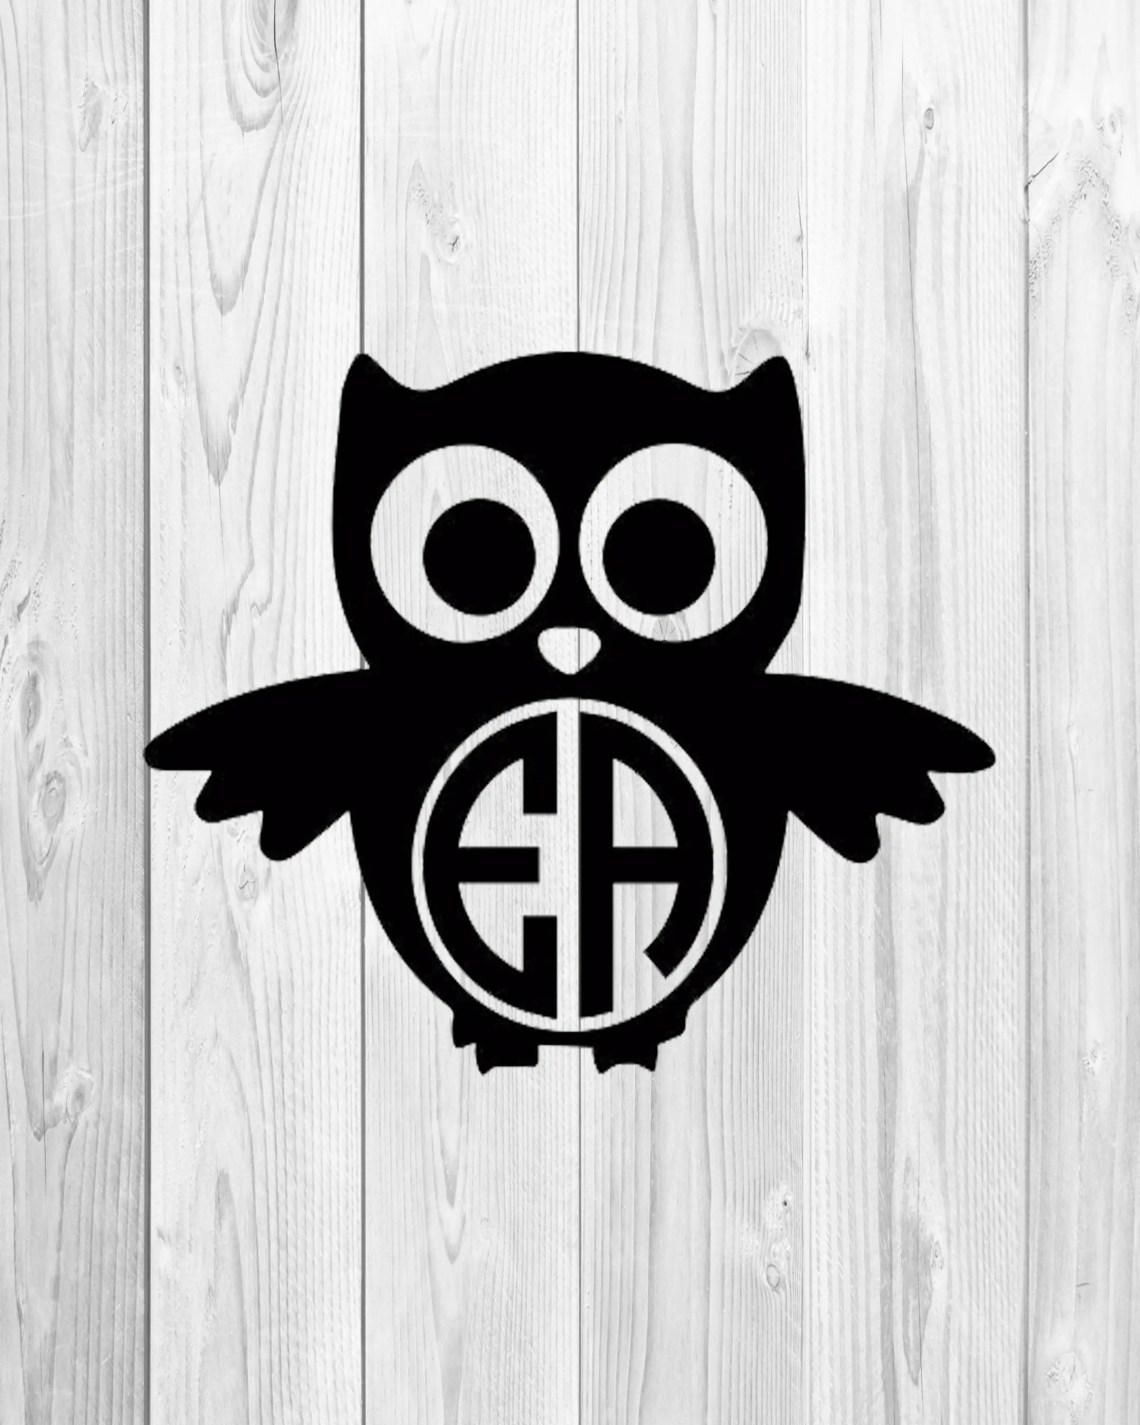 Download Owl Monogram Svg, Owl Svg, Monogram Frame Svg, Silhouette ...